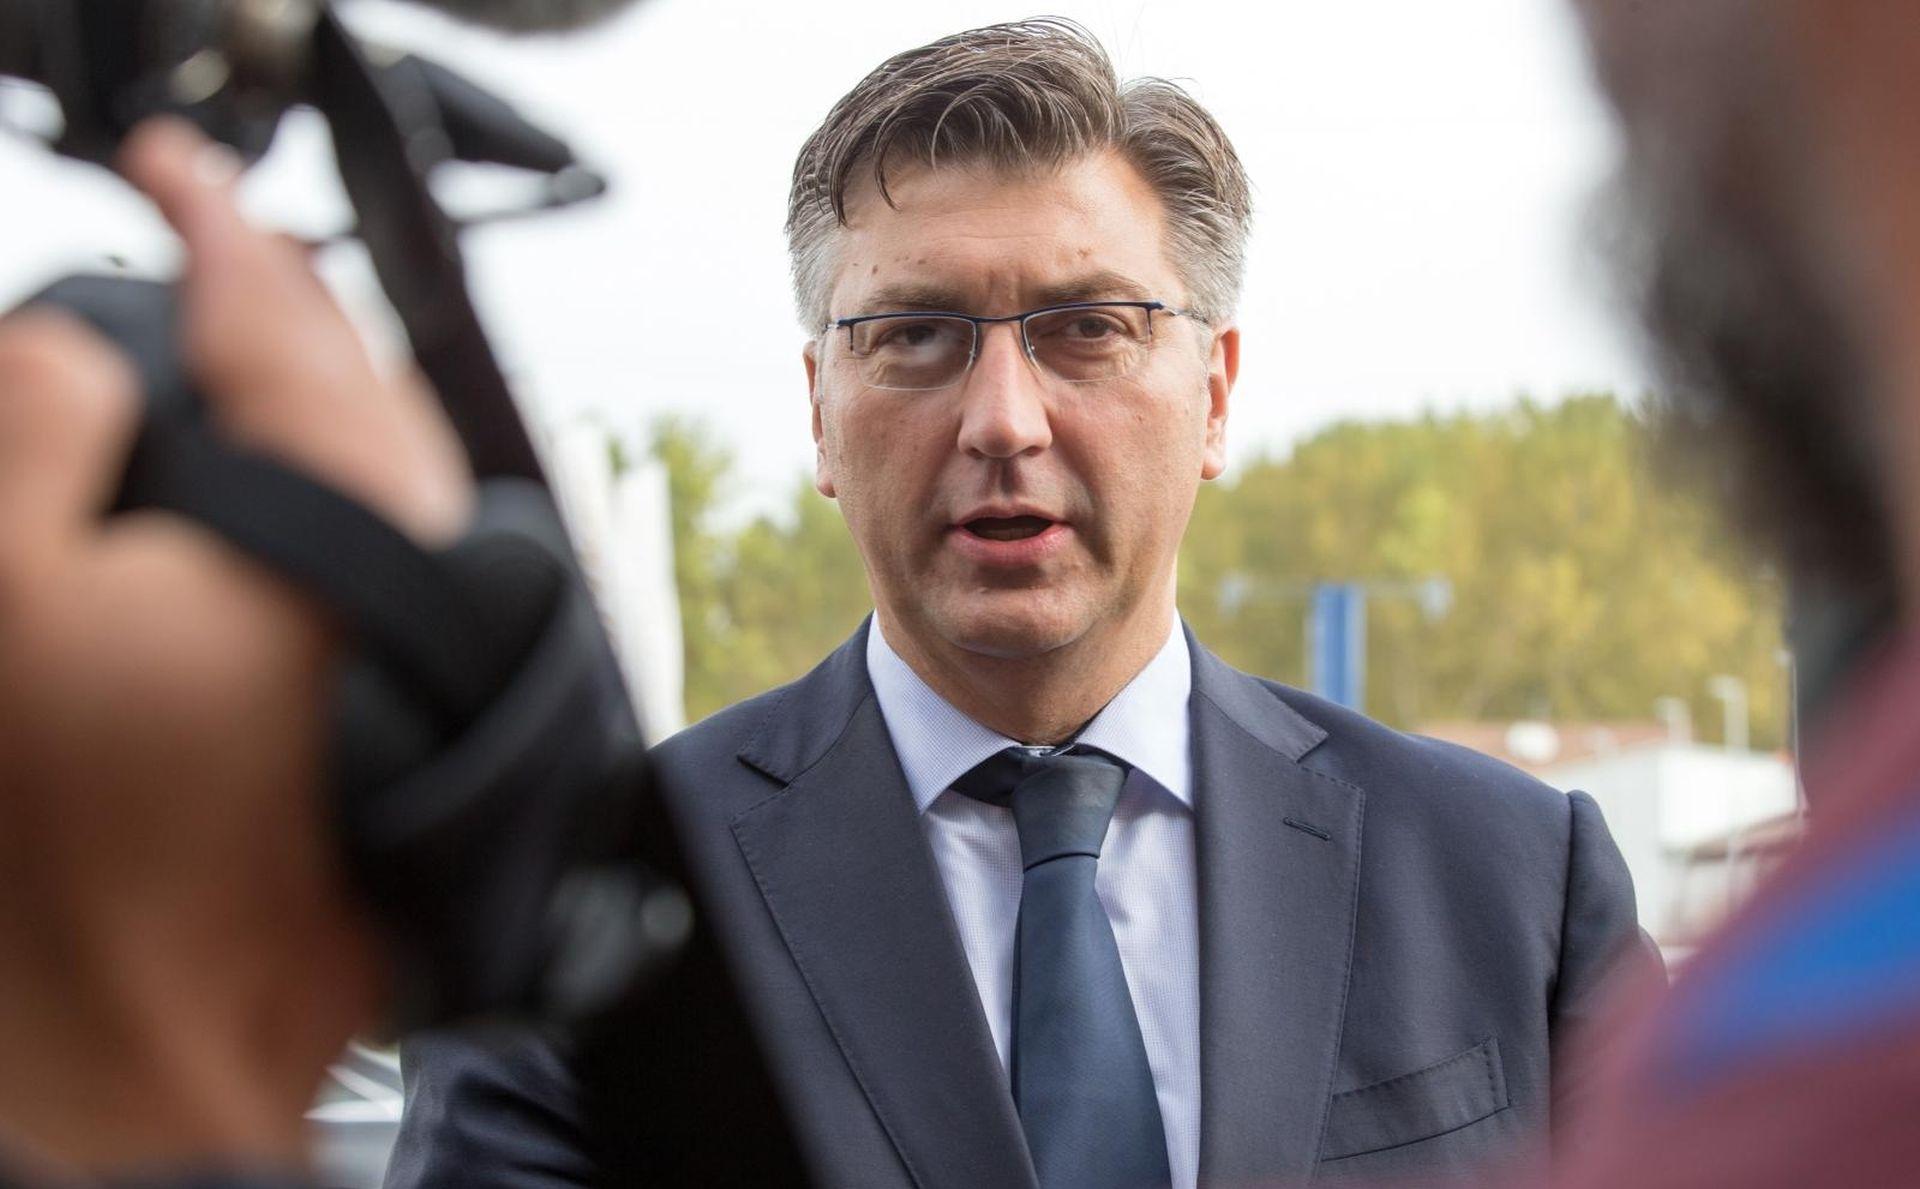 Plenković u radnom posjetu Kini želi ojačati bilateralne odnose